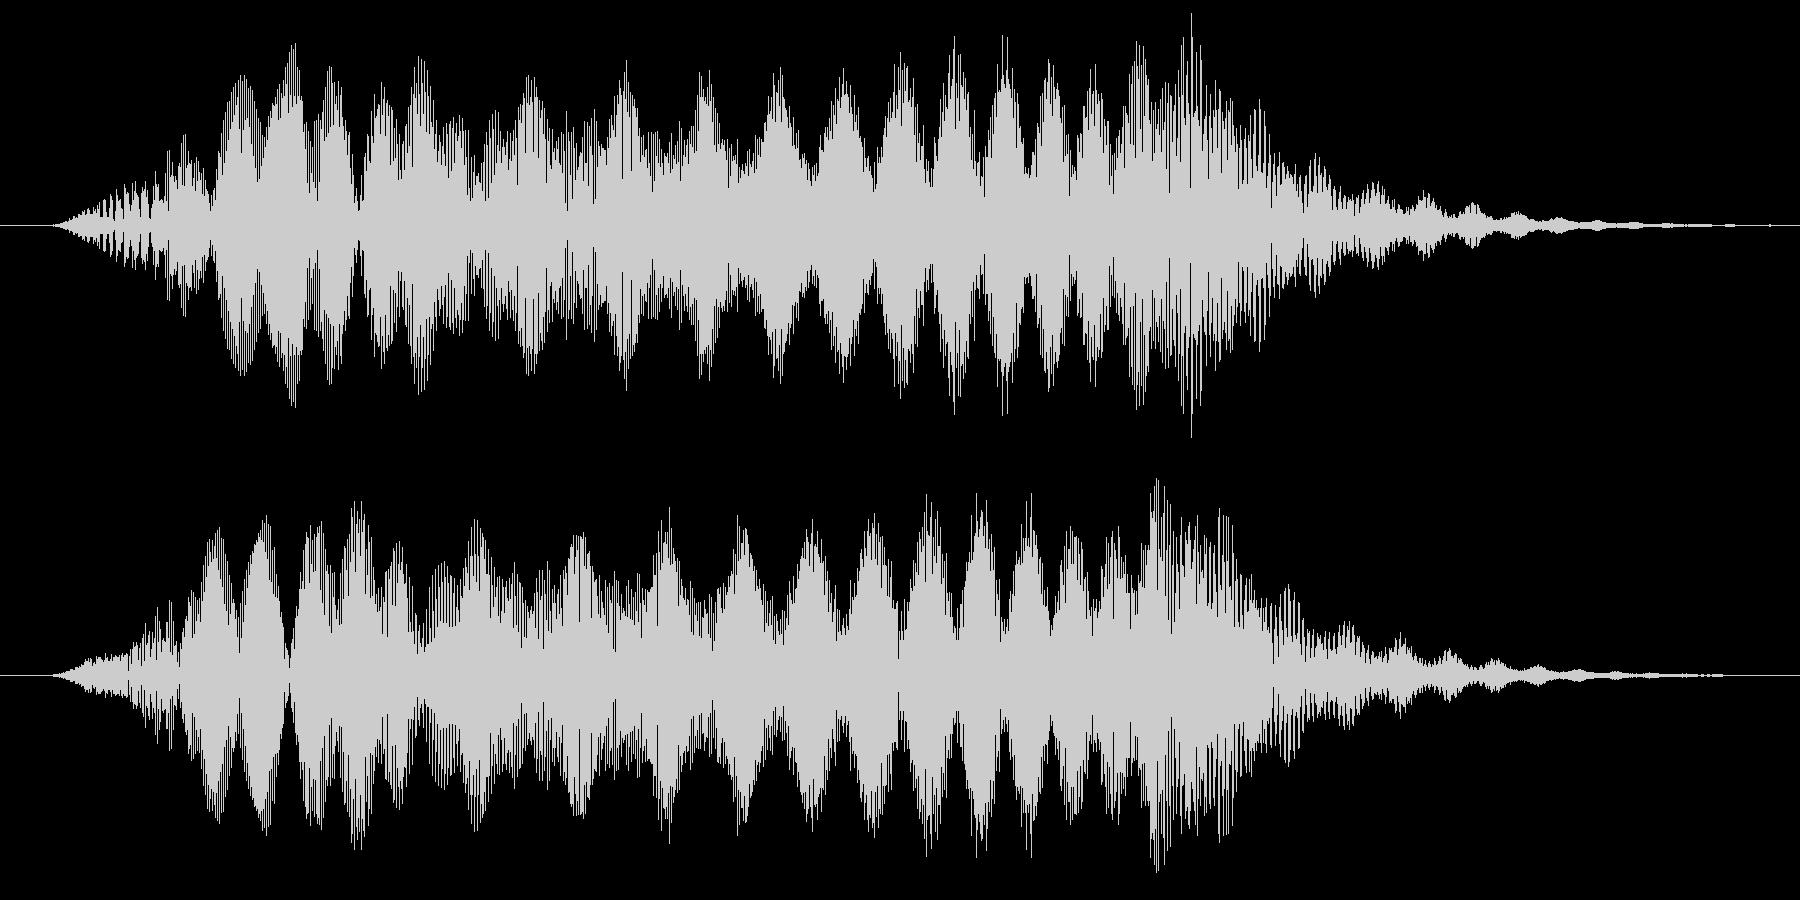 ぴょいっ/ジャンプ/避けるの未再生の波形